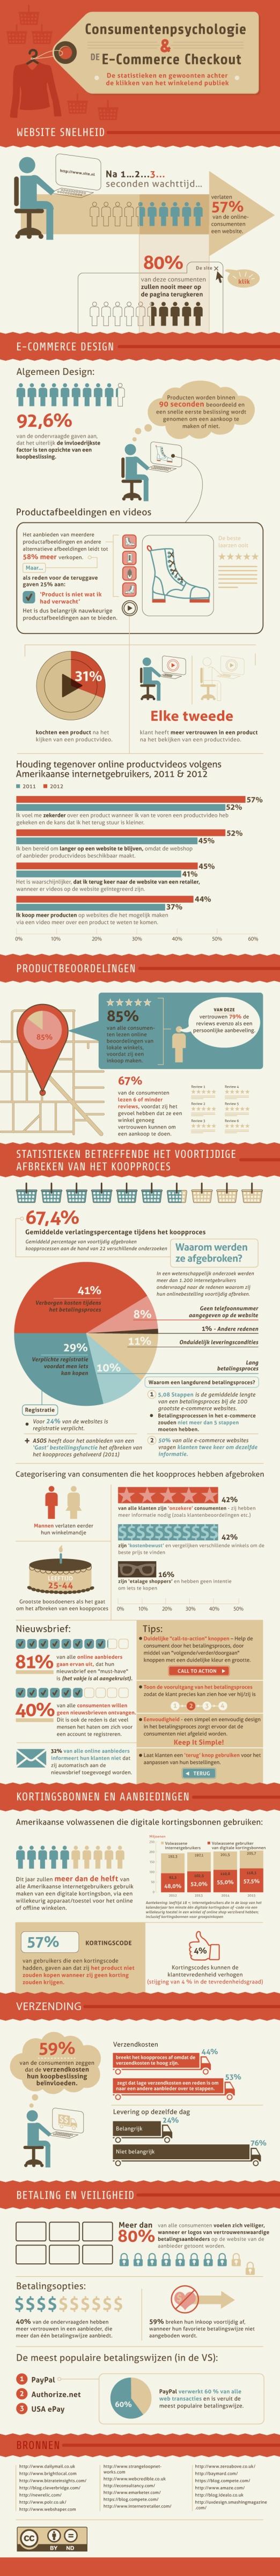 Infographic inzicht in consumentengedrag